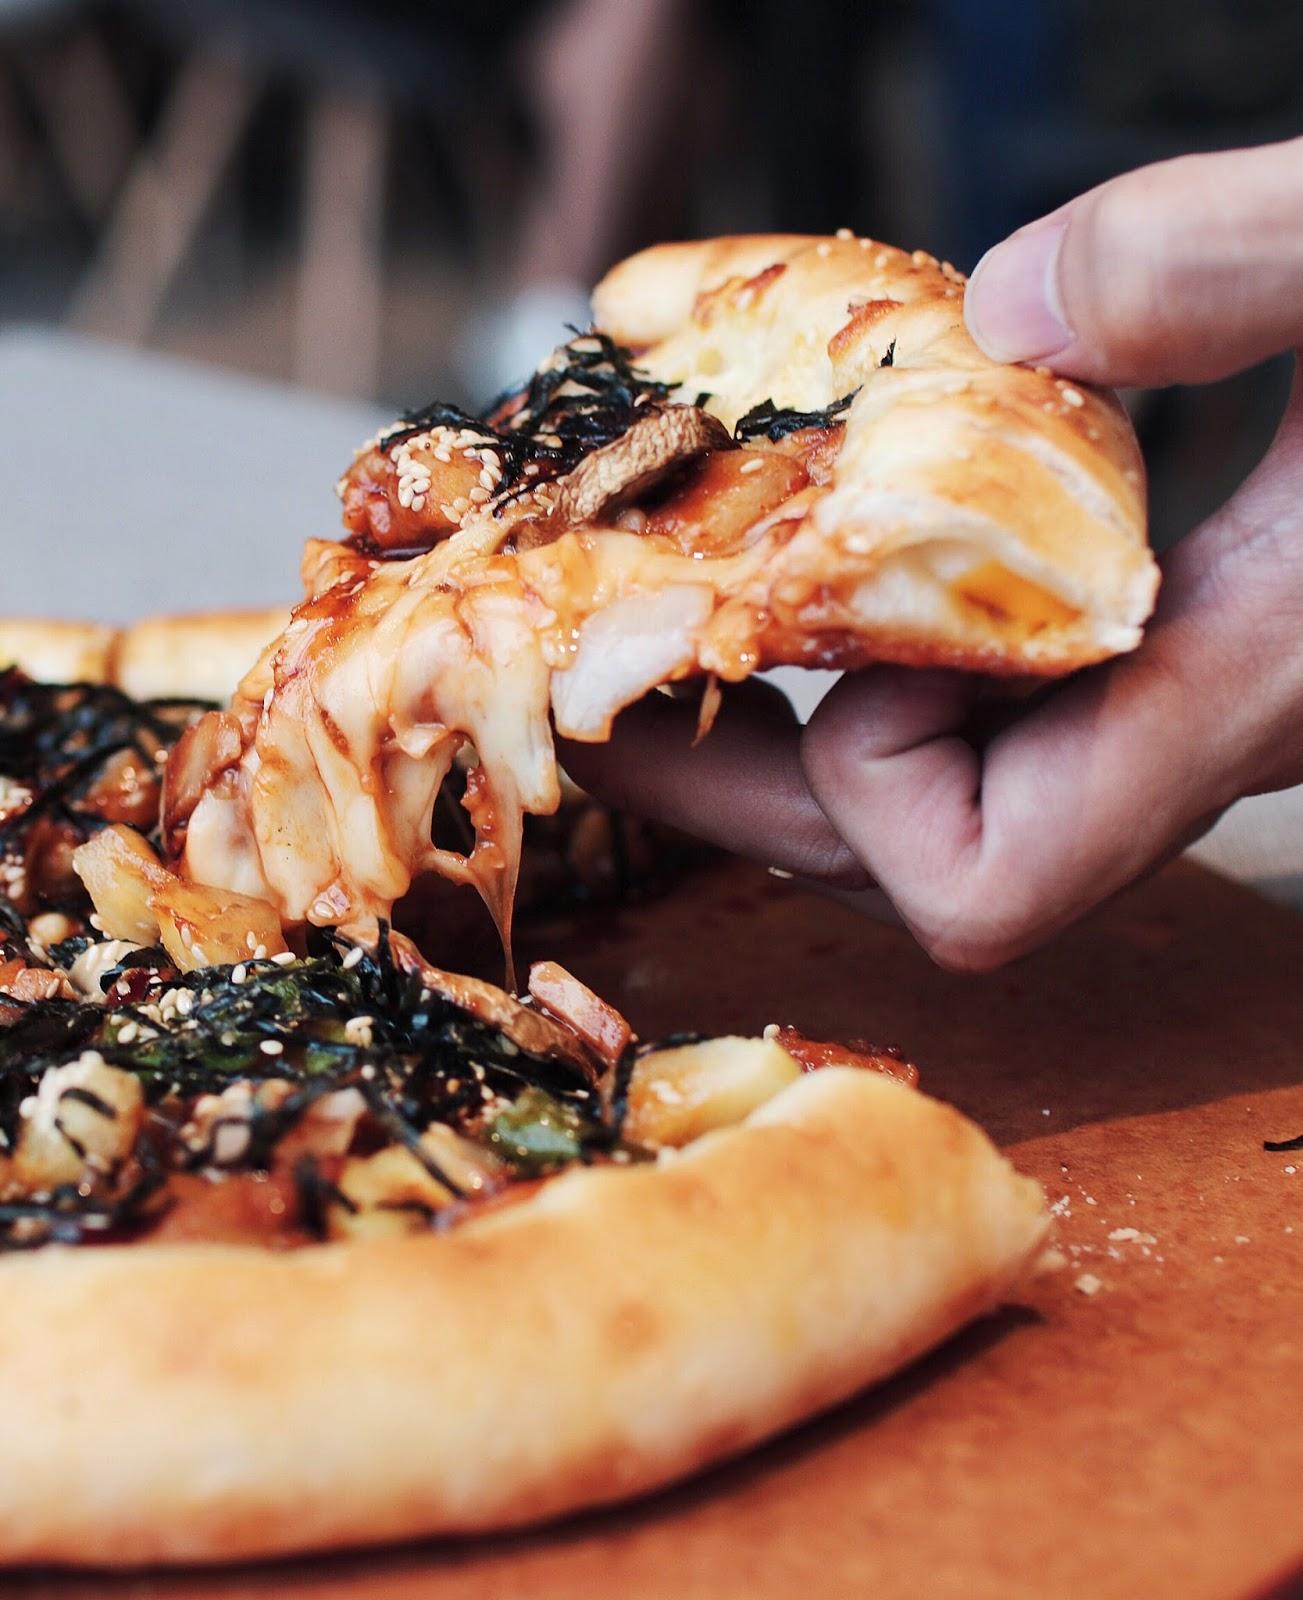 pizza hut pizza, seoul sensation pizza , pizzahut